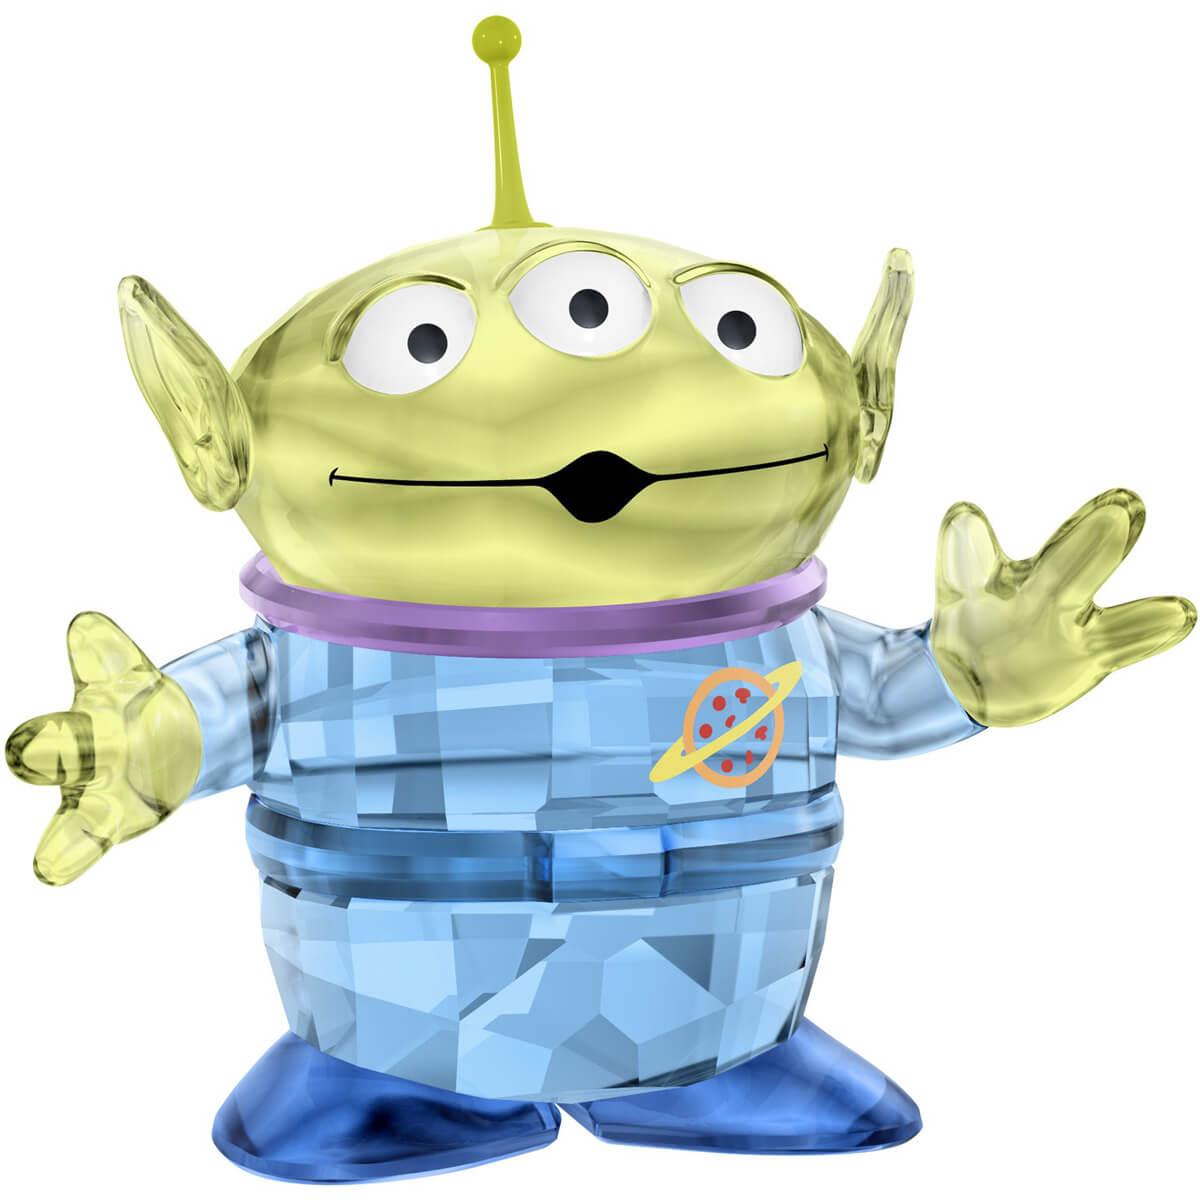 スワロフスキー(SWAROVSKI)トイ・ストーリー エイリアン/Disney Pixar's Toy Story/クリスタルオブジェ/スワロフスキー社製置物【あす楽対応_関東】【Disneyzone】